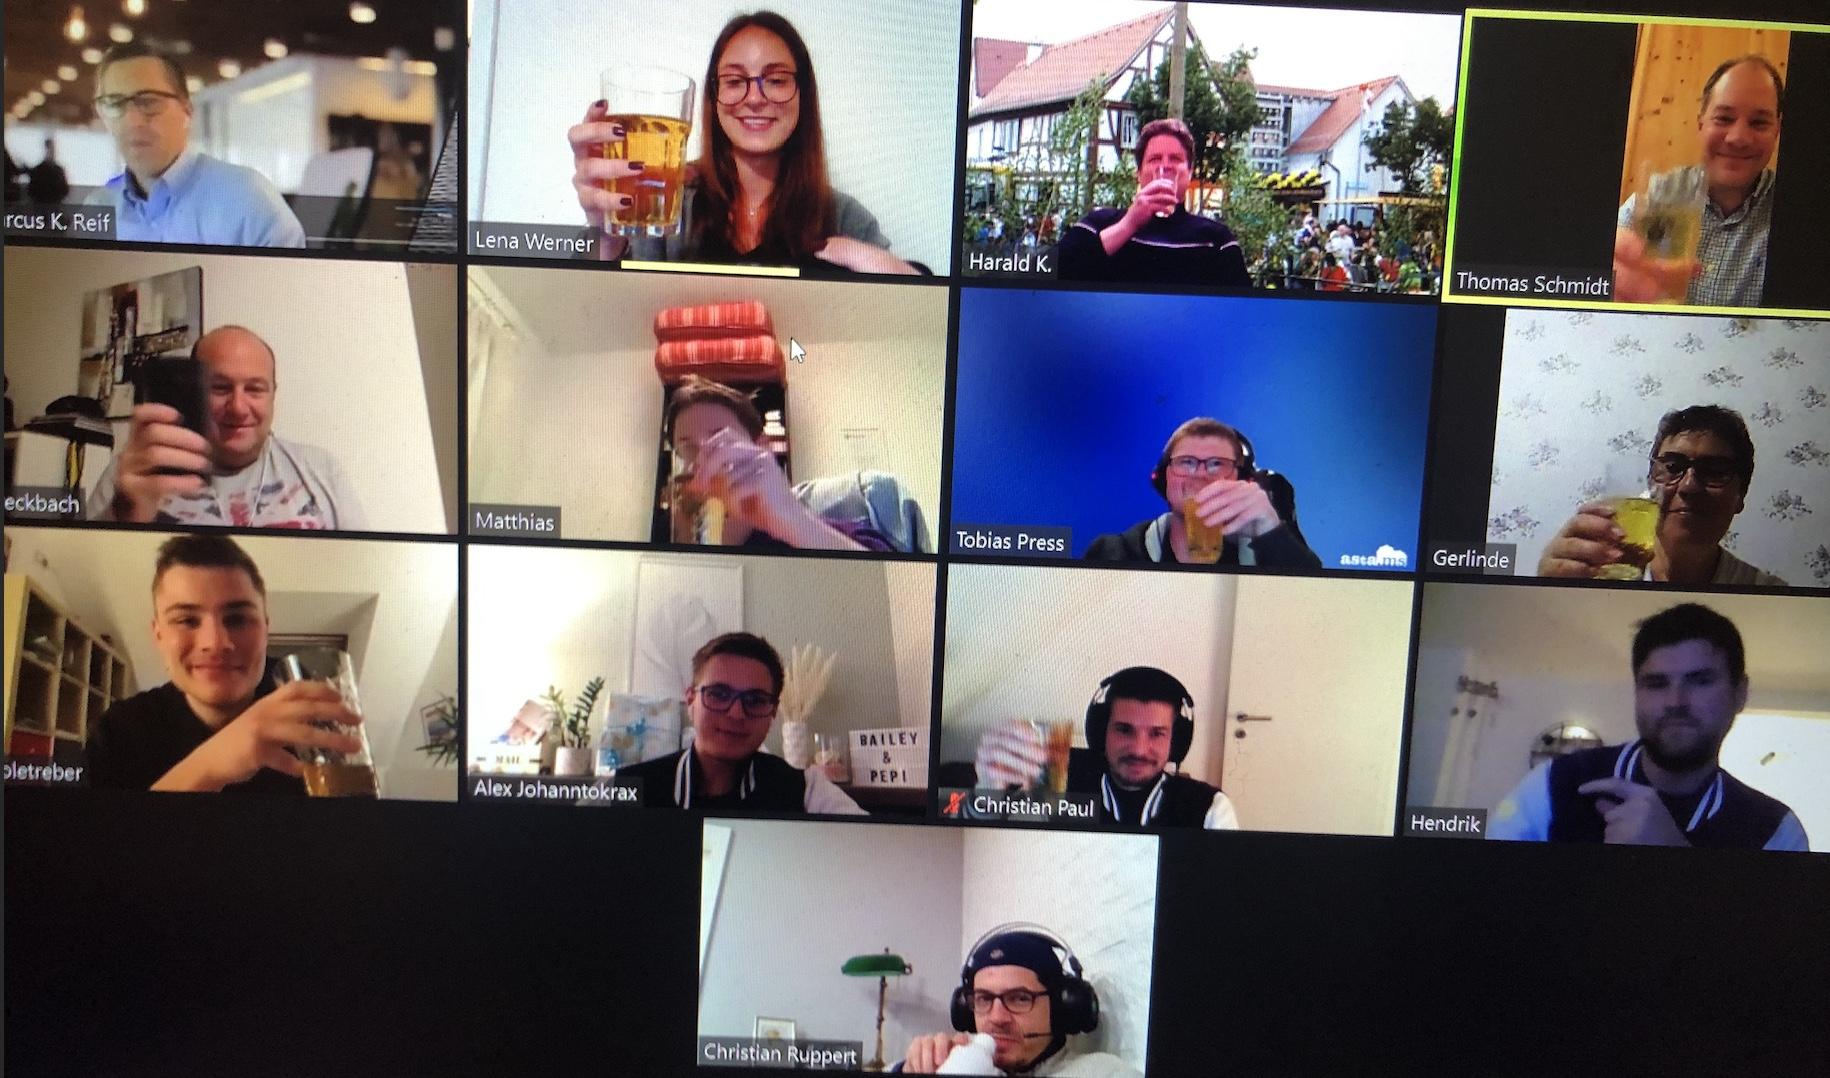 Virtueller Äpplerabend mit den Kerbeborsch Weilbach